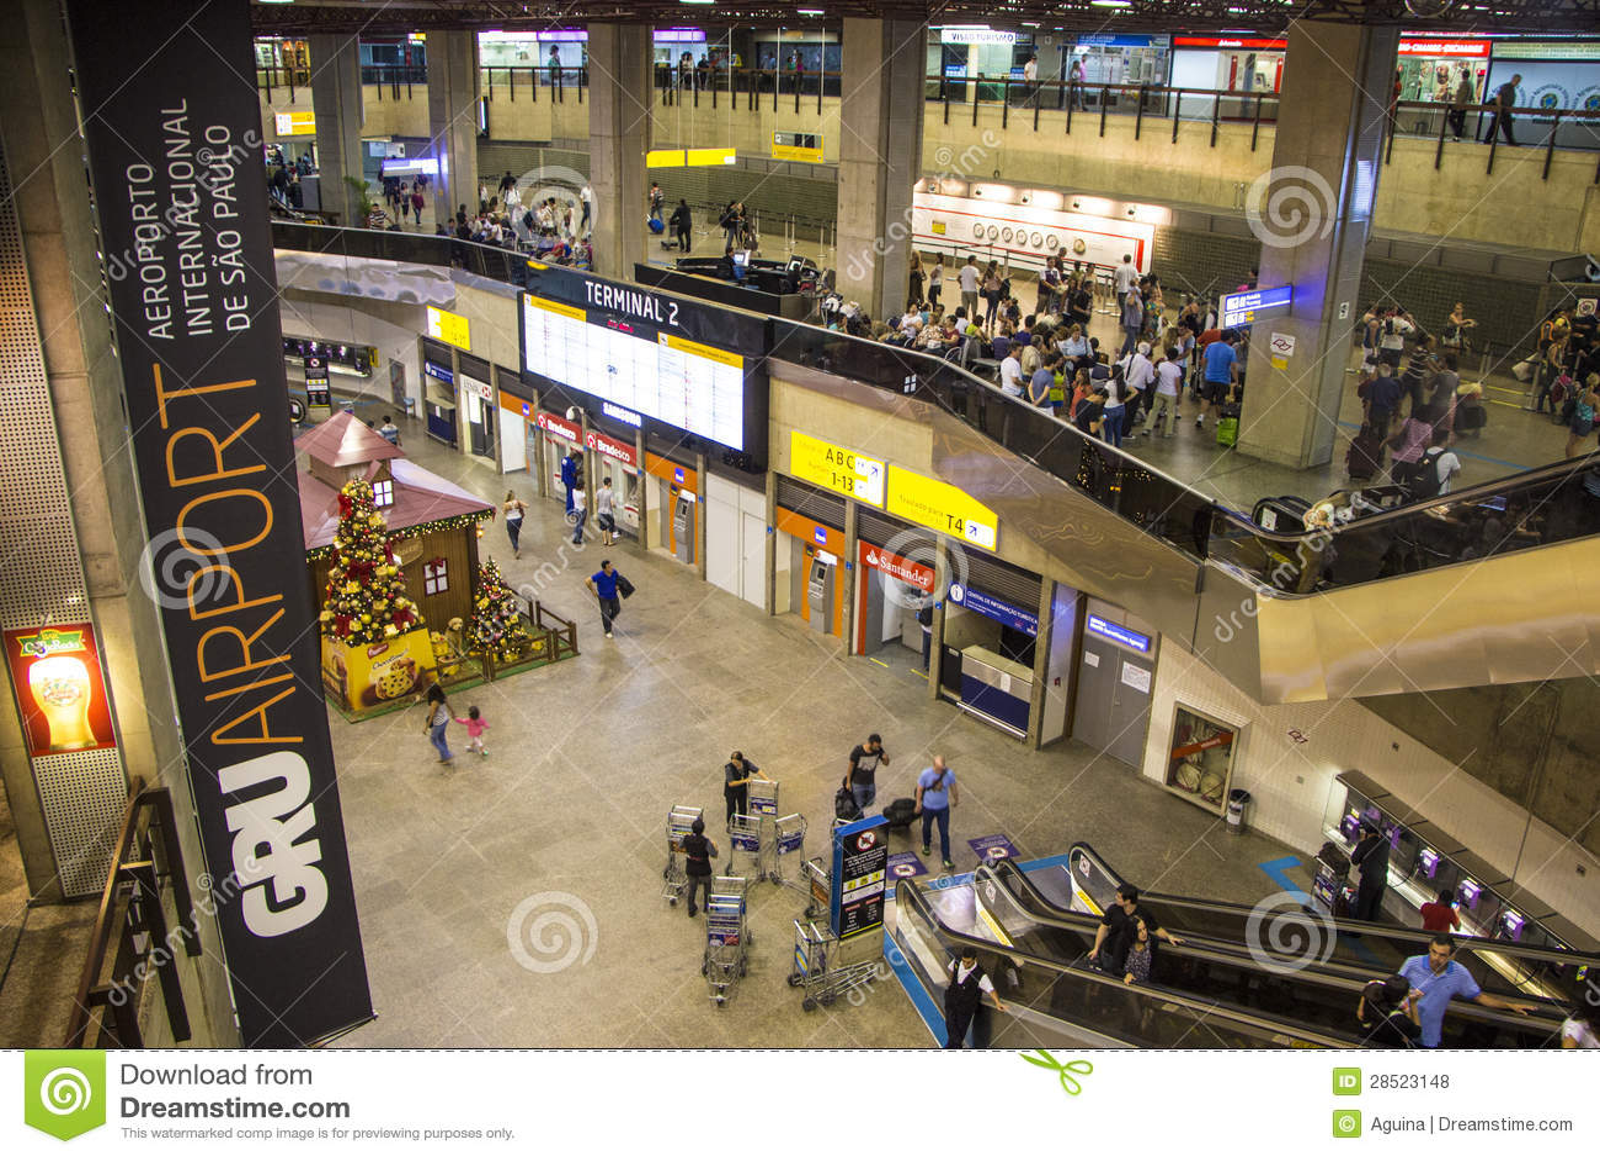 Aeroporto Gru : Povos na área do registro do aeroporto de guarulhos brasil foto